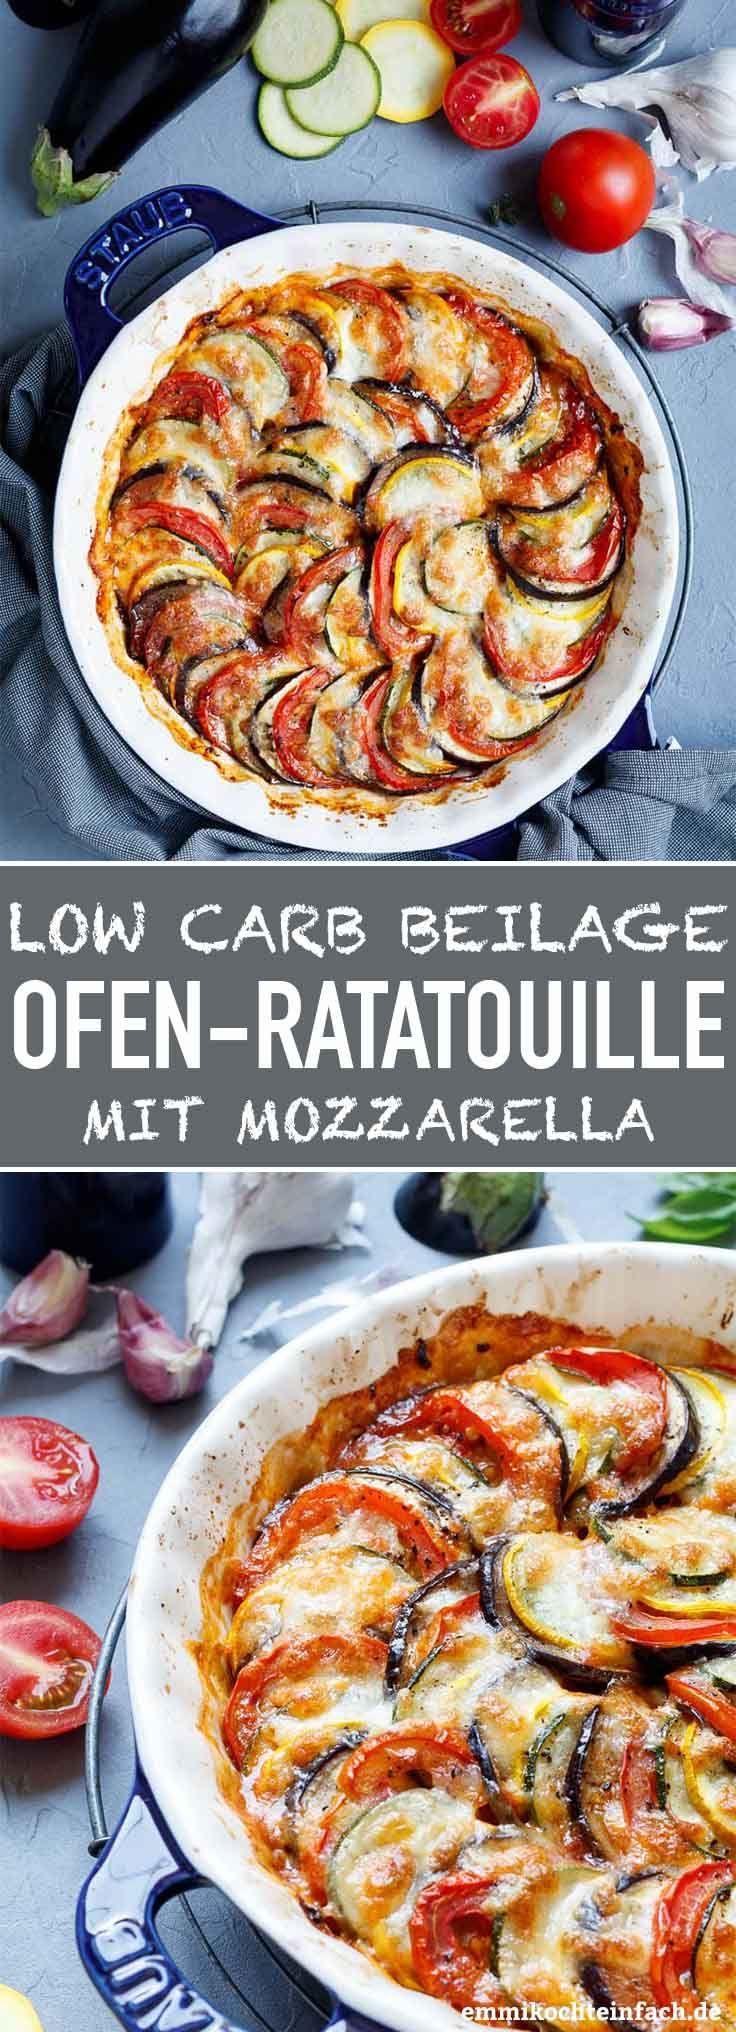 Ratatouille al forno con mozzarella – facile da cucinare